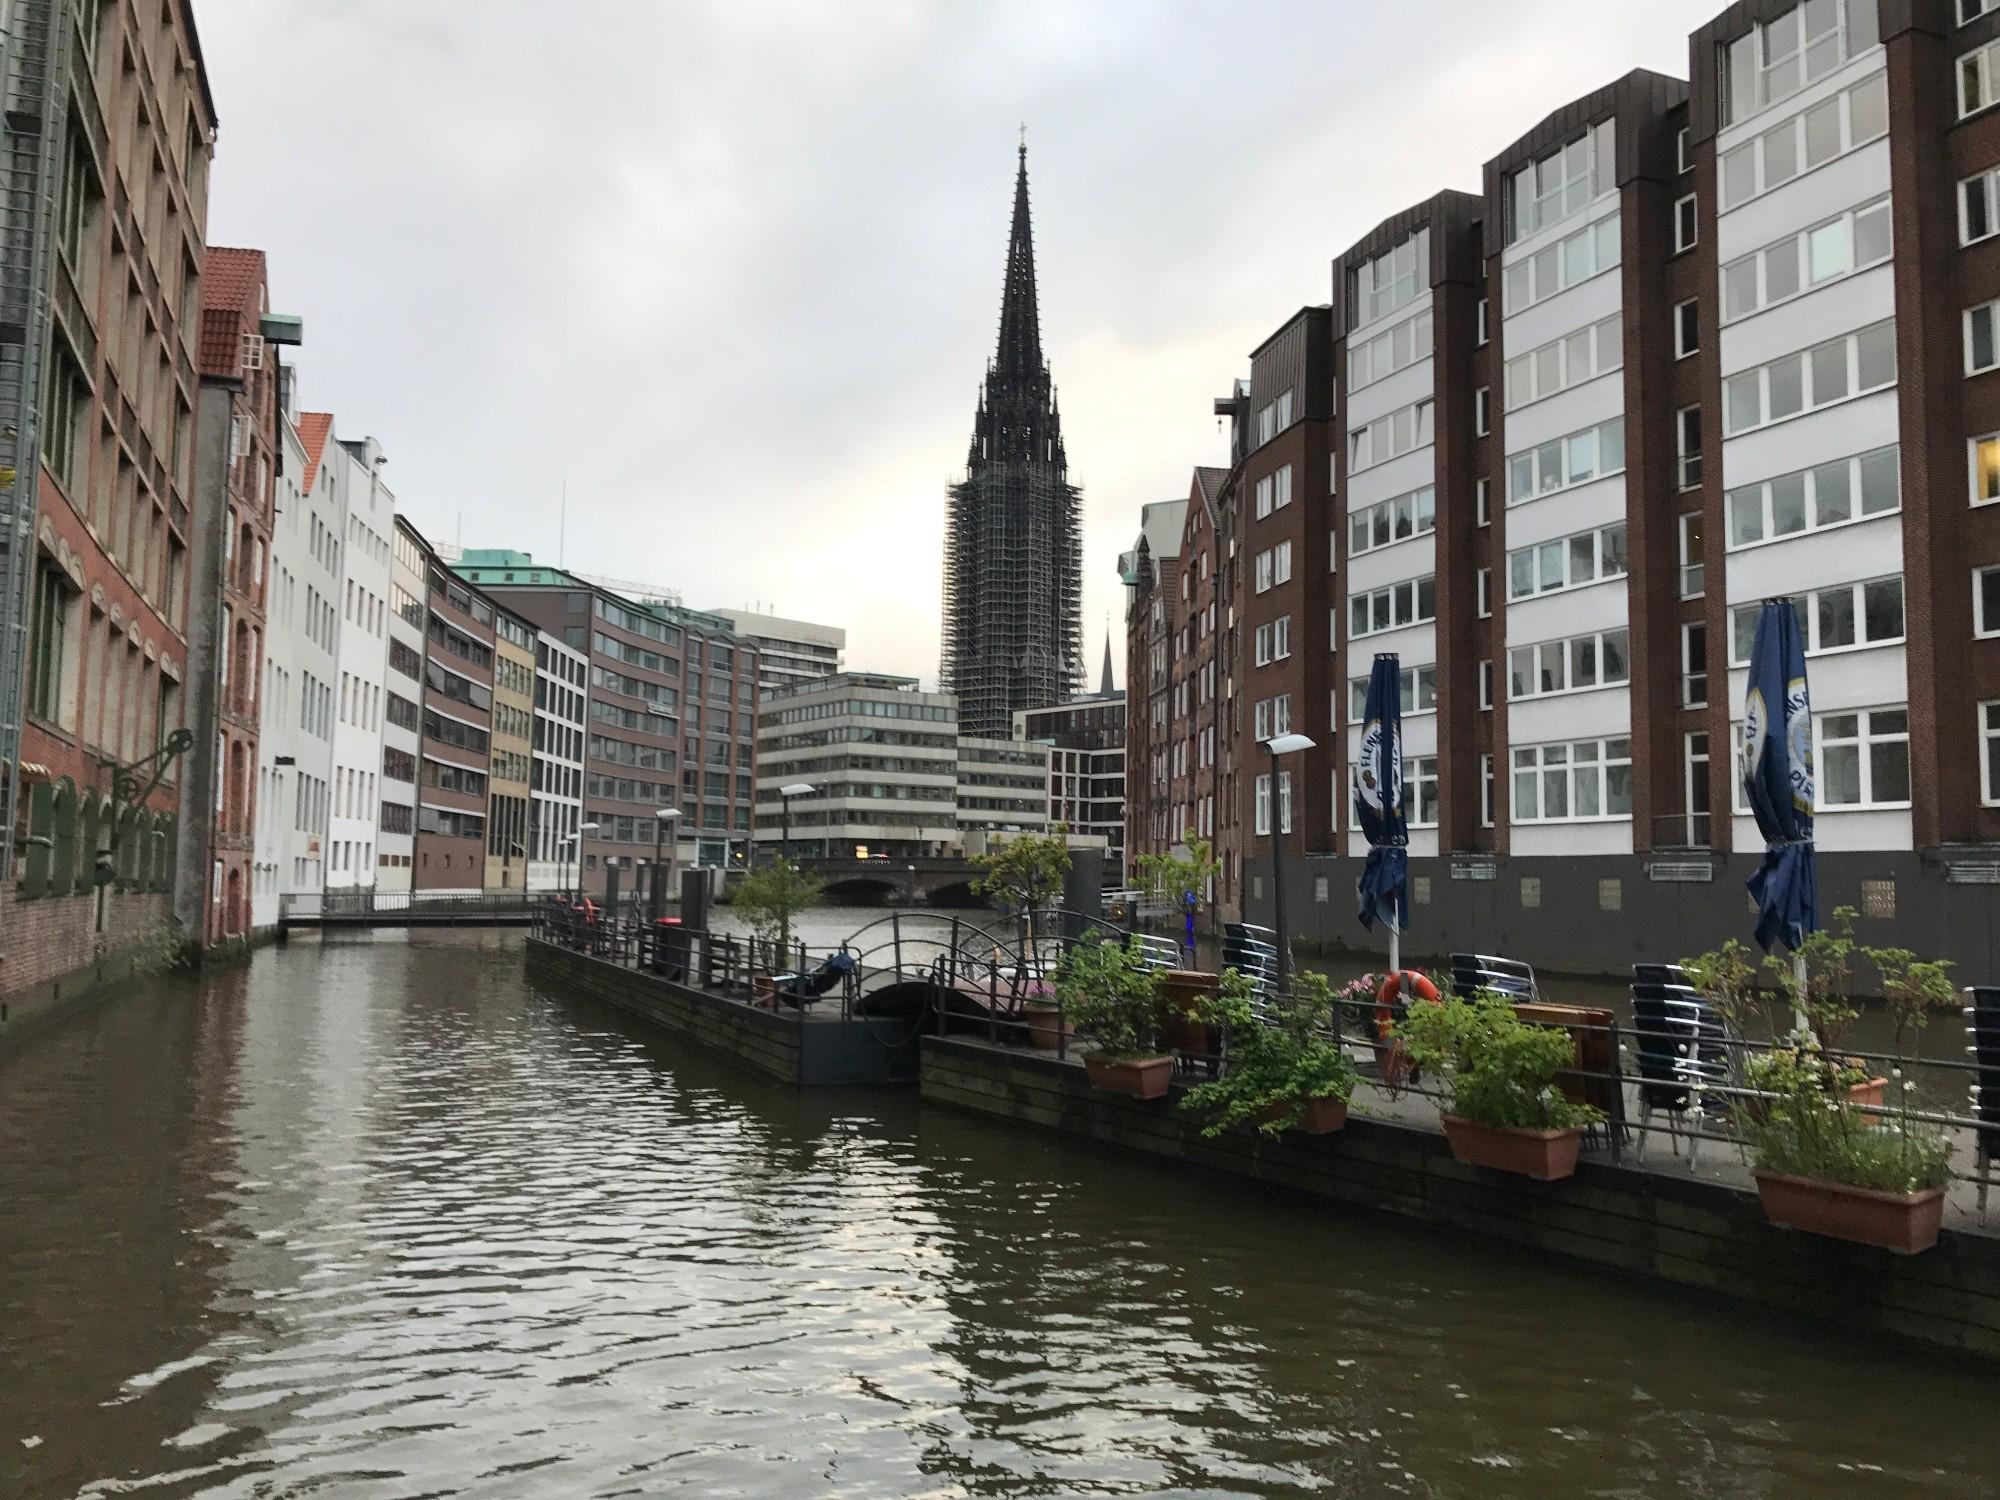 гамбург фото города в сентябре боялся